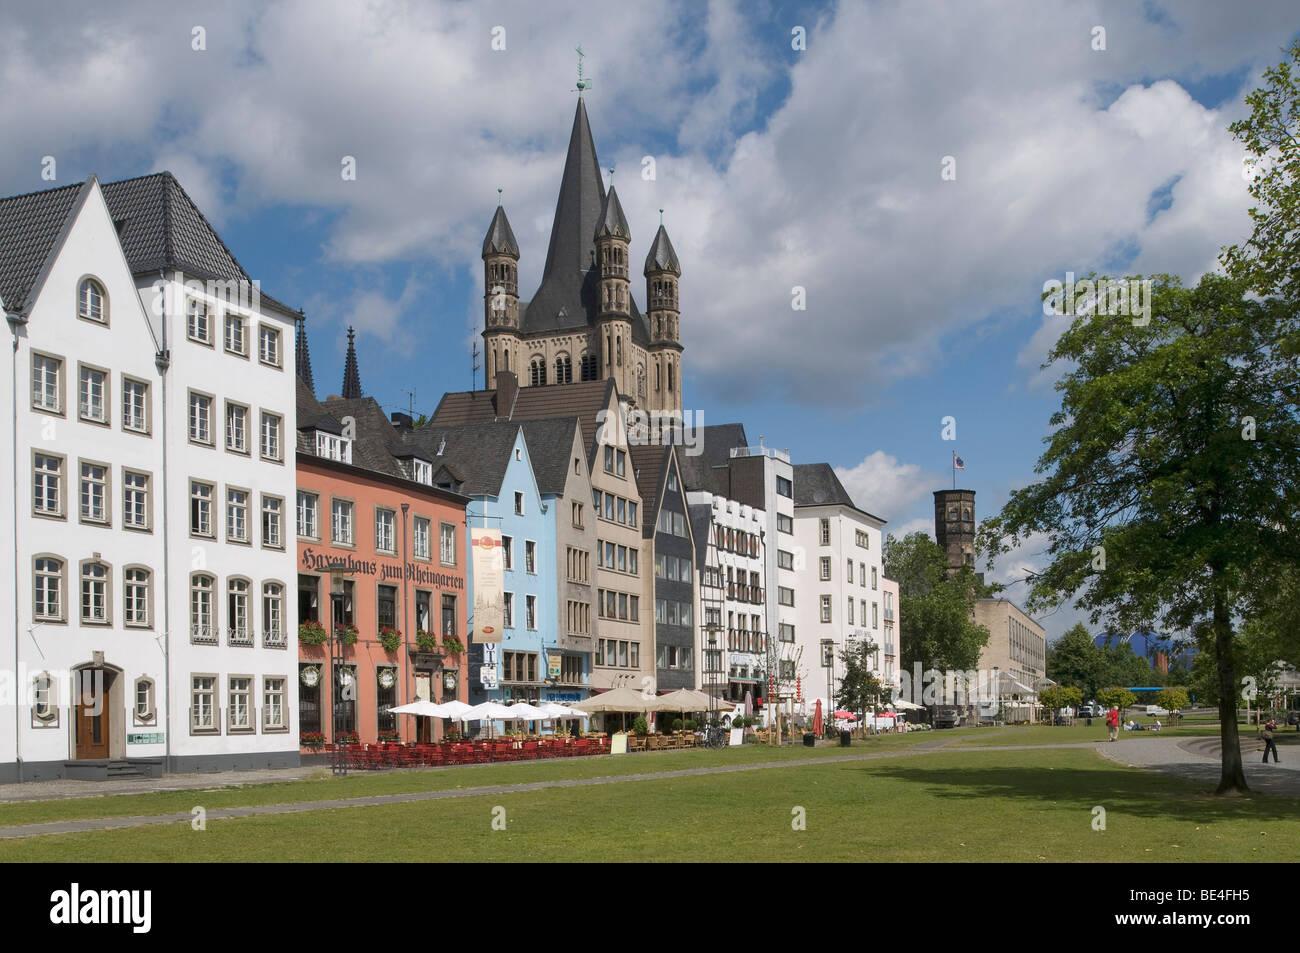 Hilera de casas de la iglesia Frankenwerft, San Martín y la torre de la escalera Stapelhaus, Mercado del Pescado, Imagen De Stock